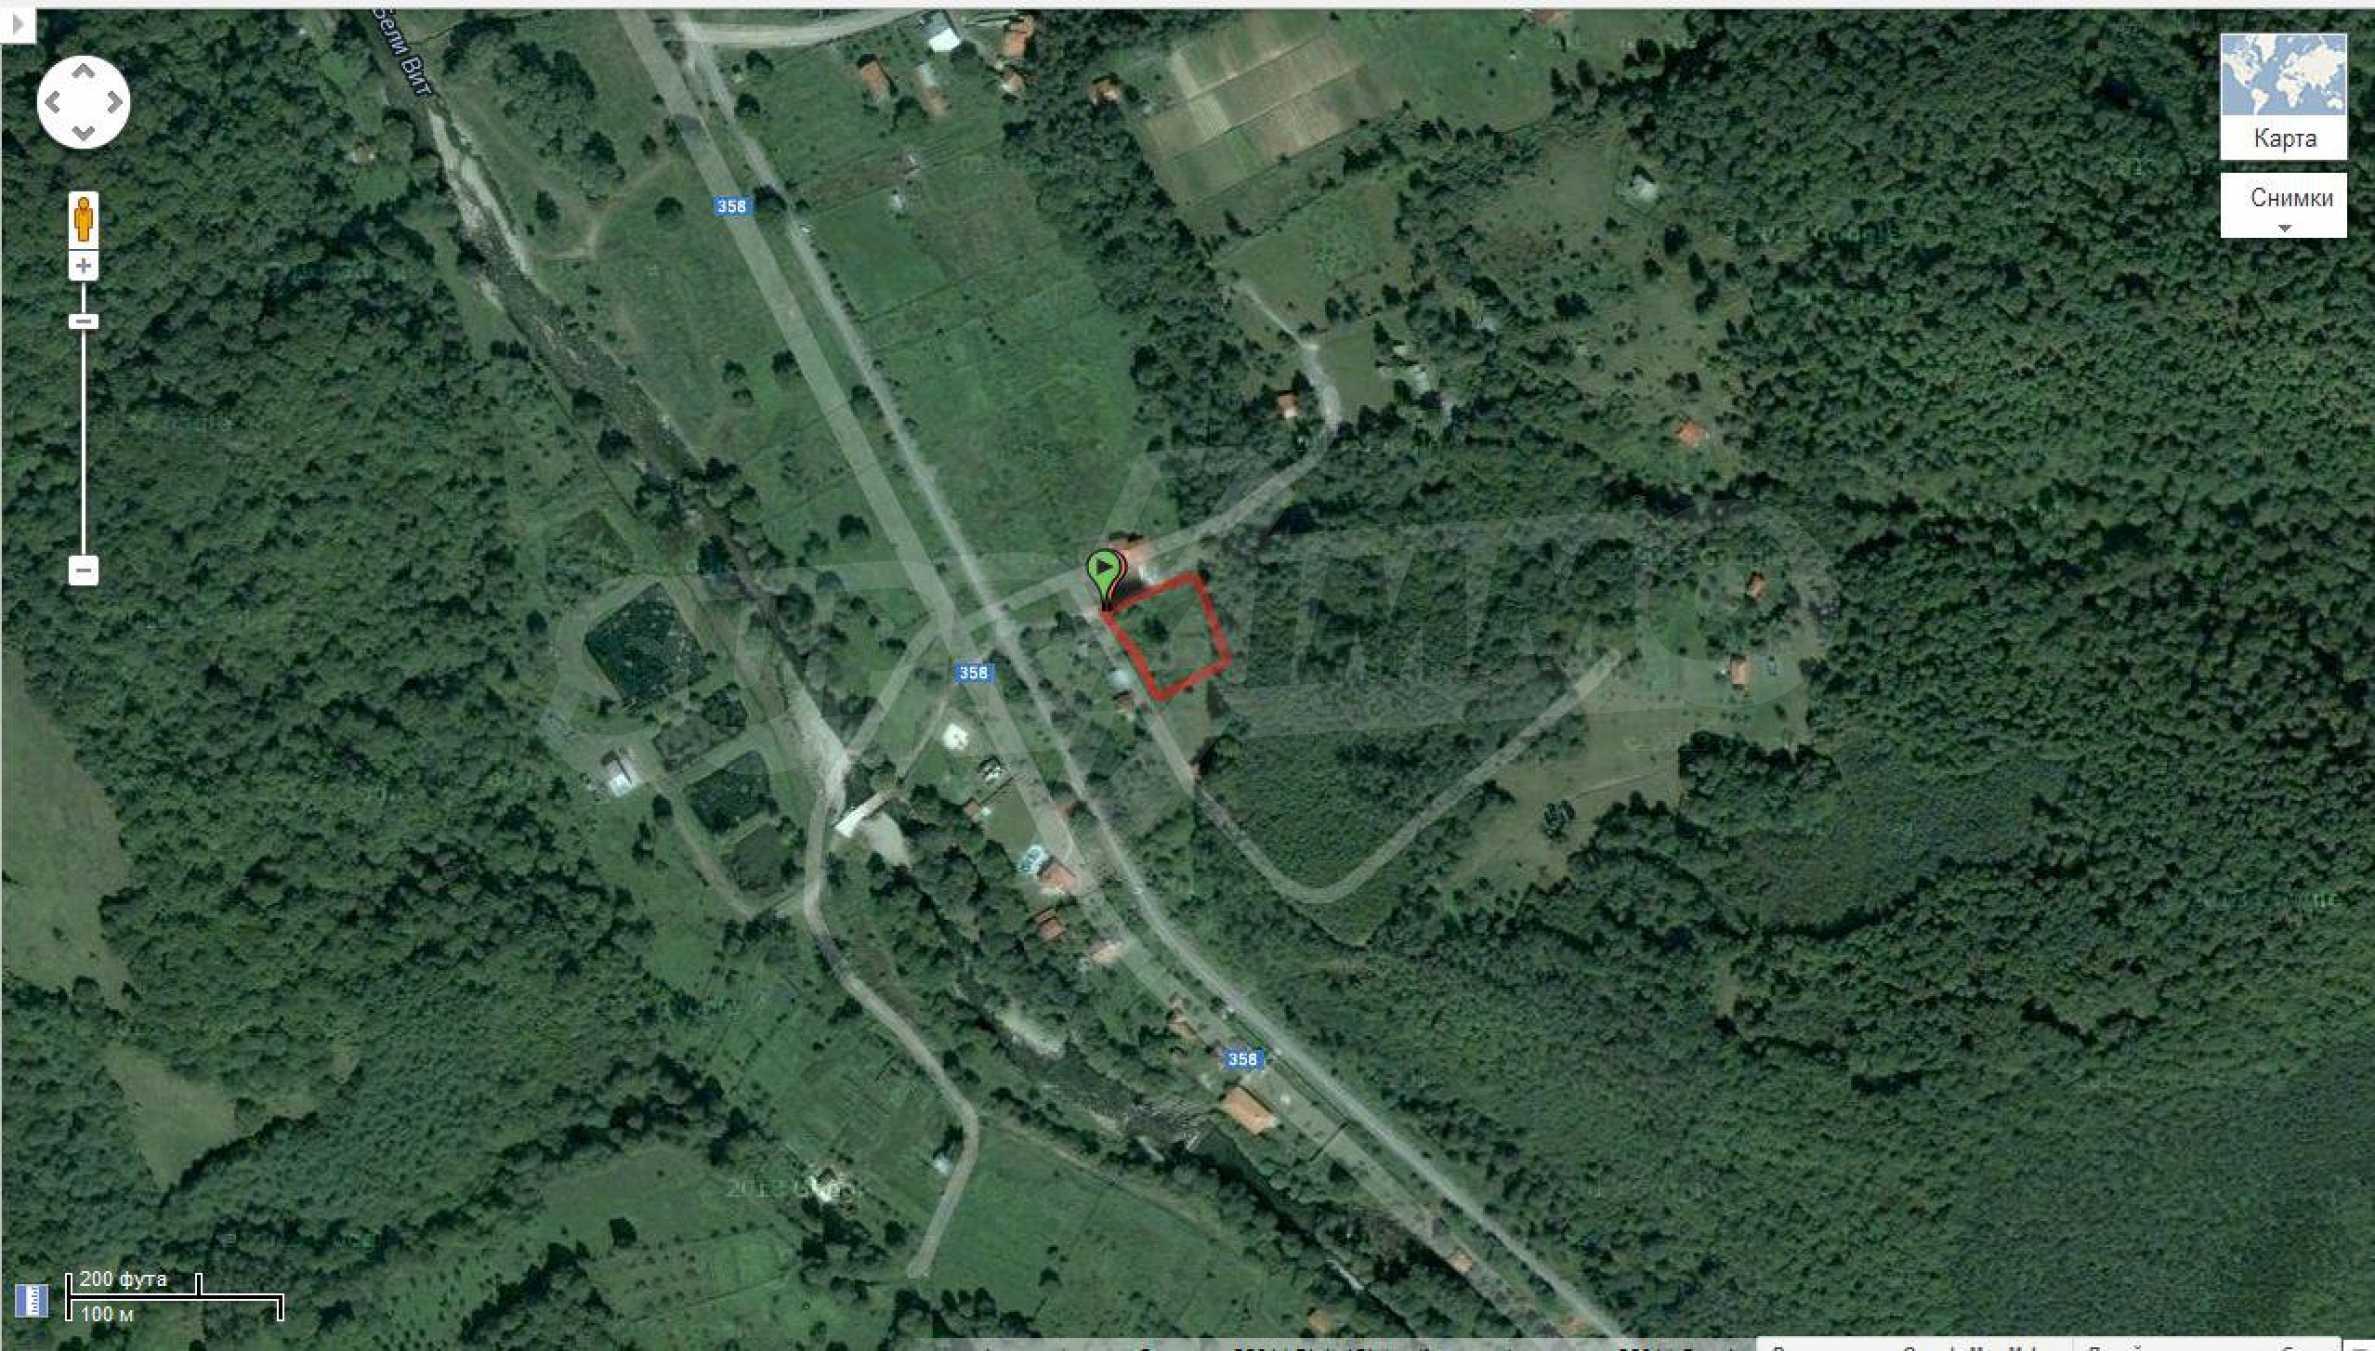 Geregeltes Grundstück mit Baugenehmigung im Dorf Ribaritsa 16